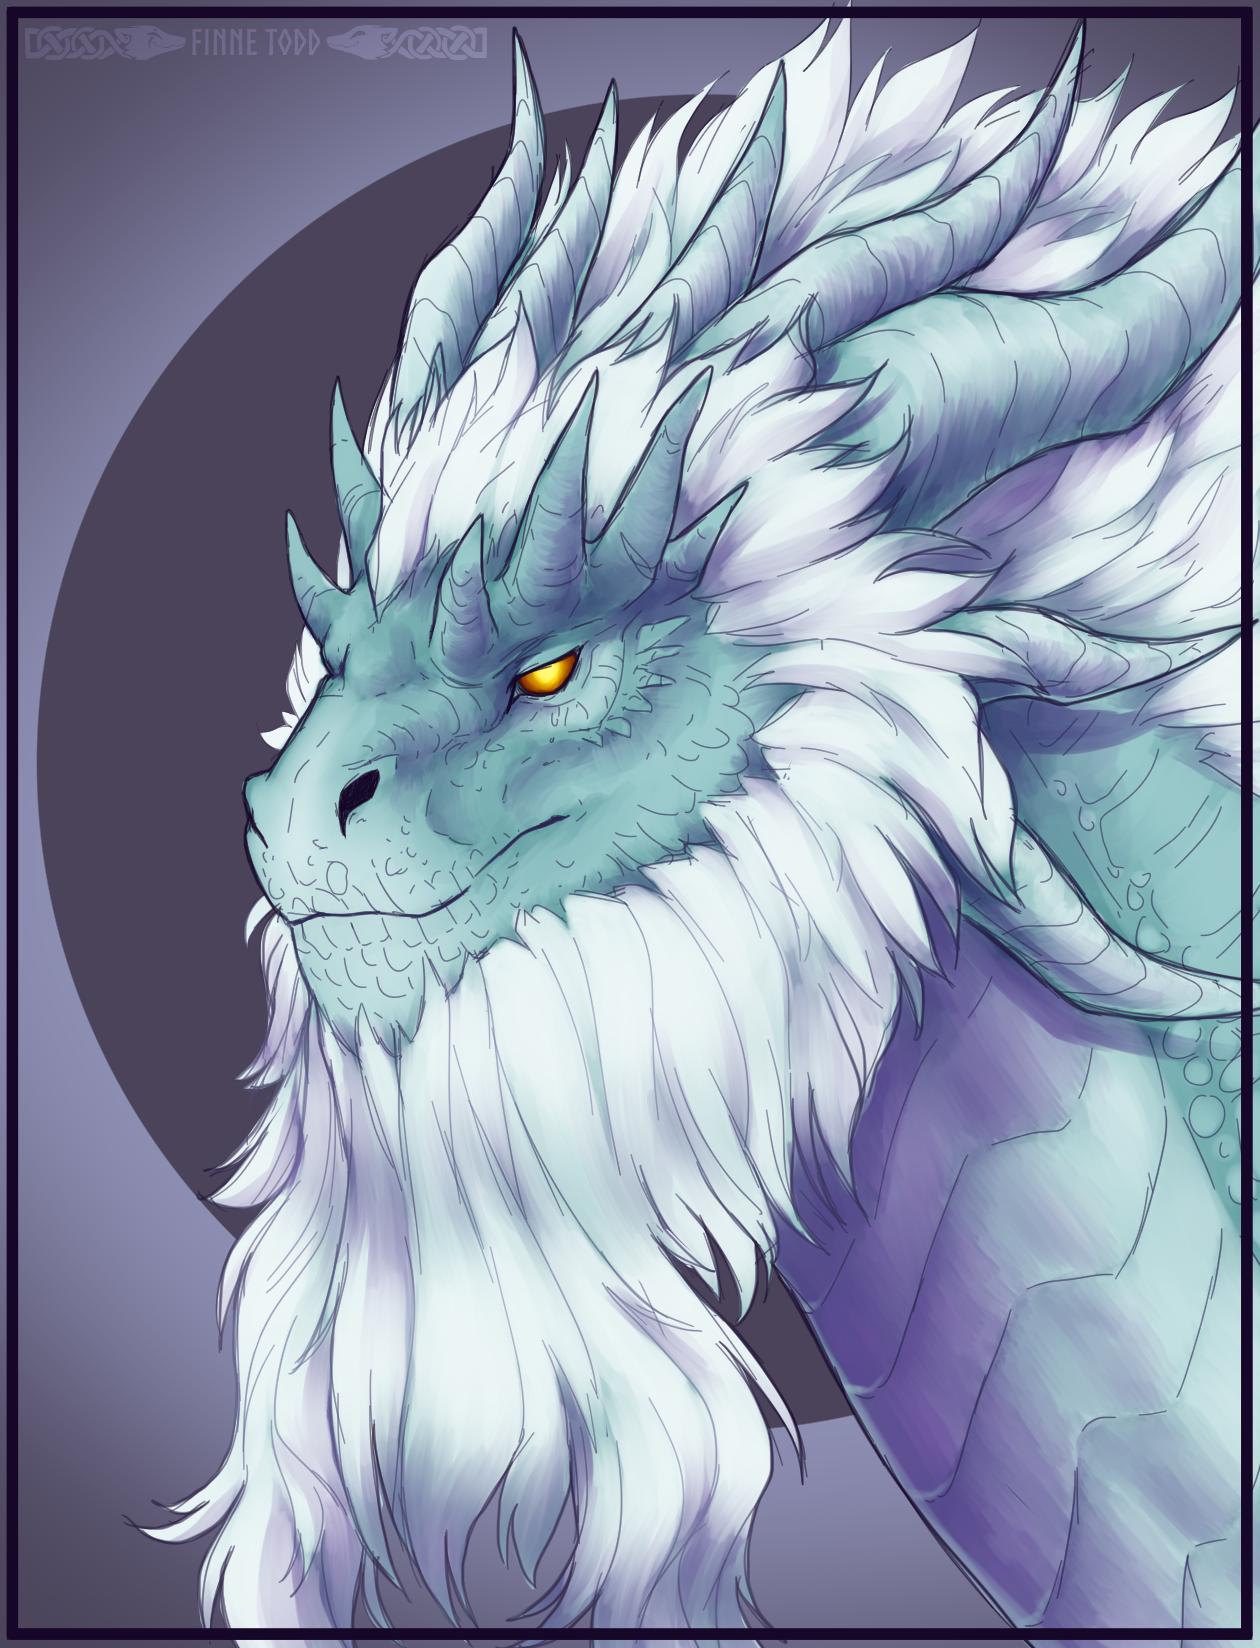 The Dragon Prince: King Thunder